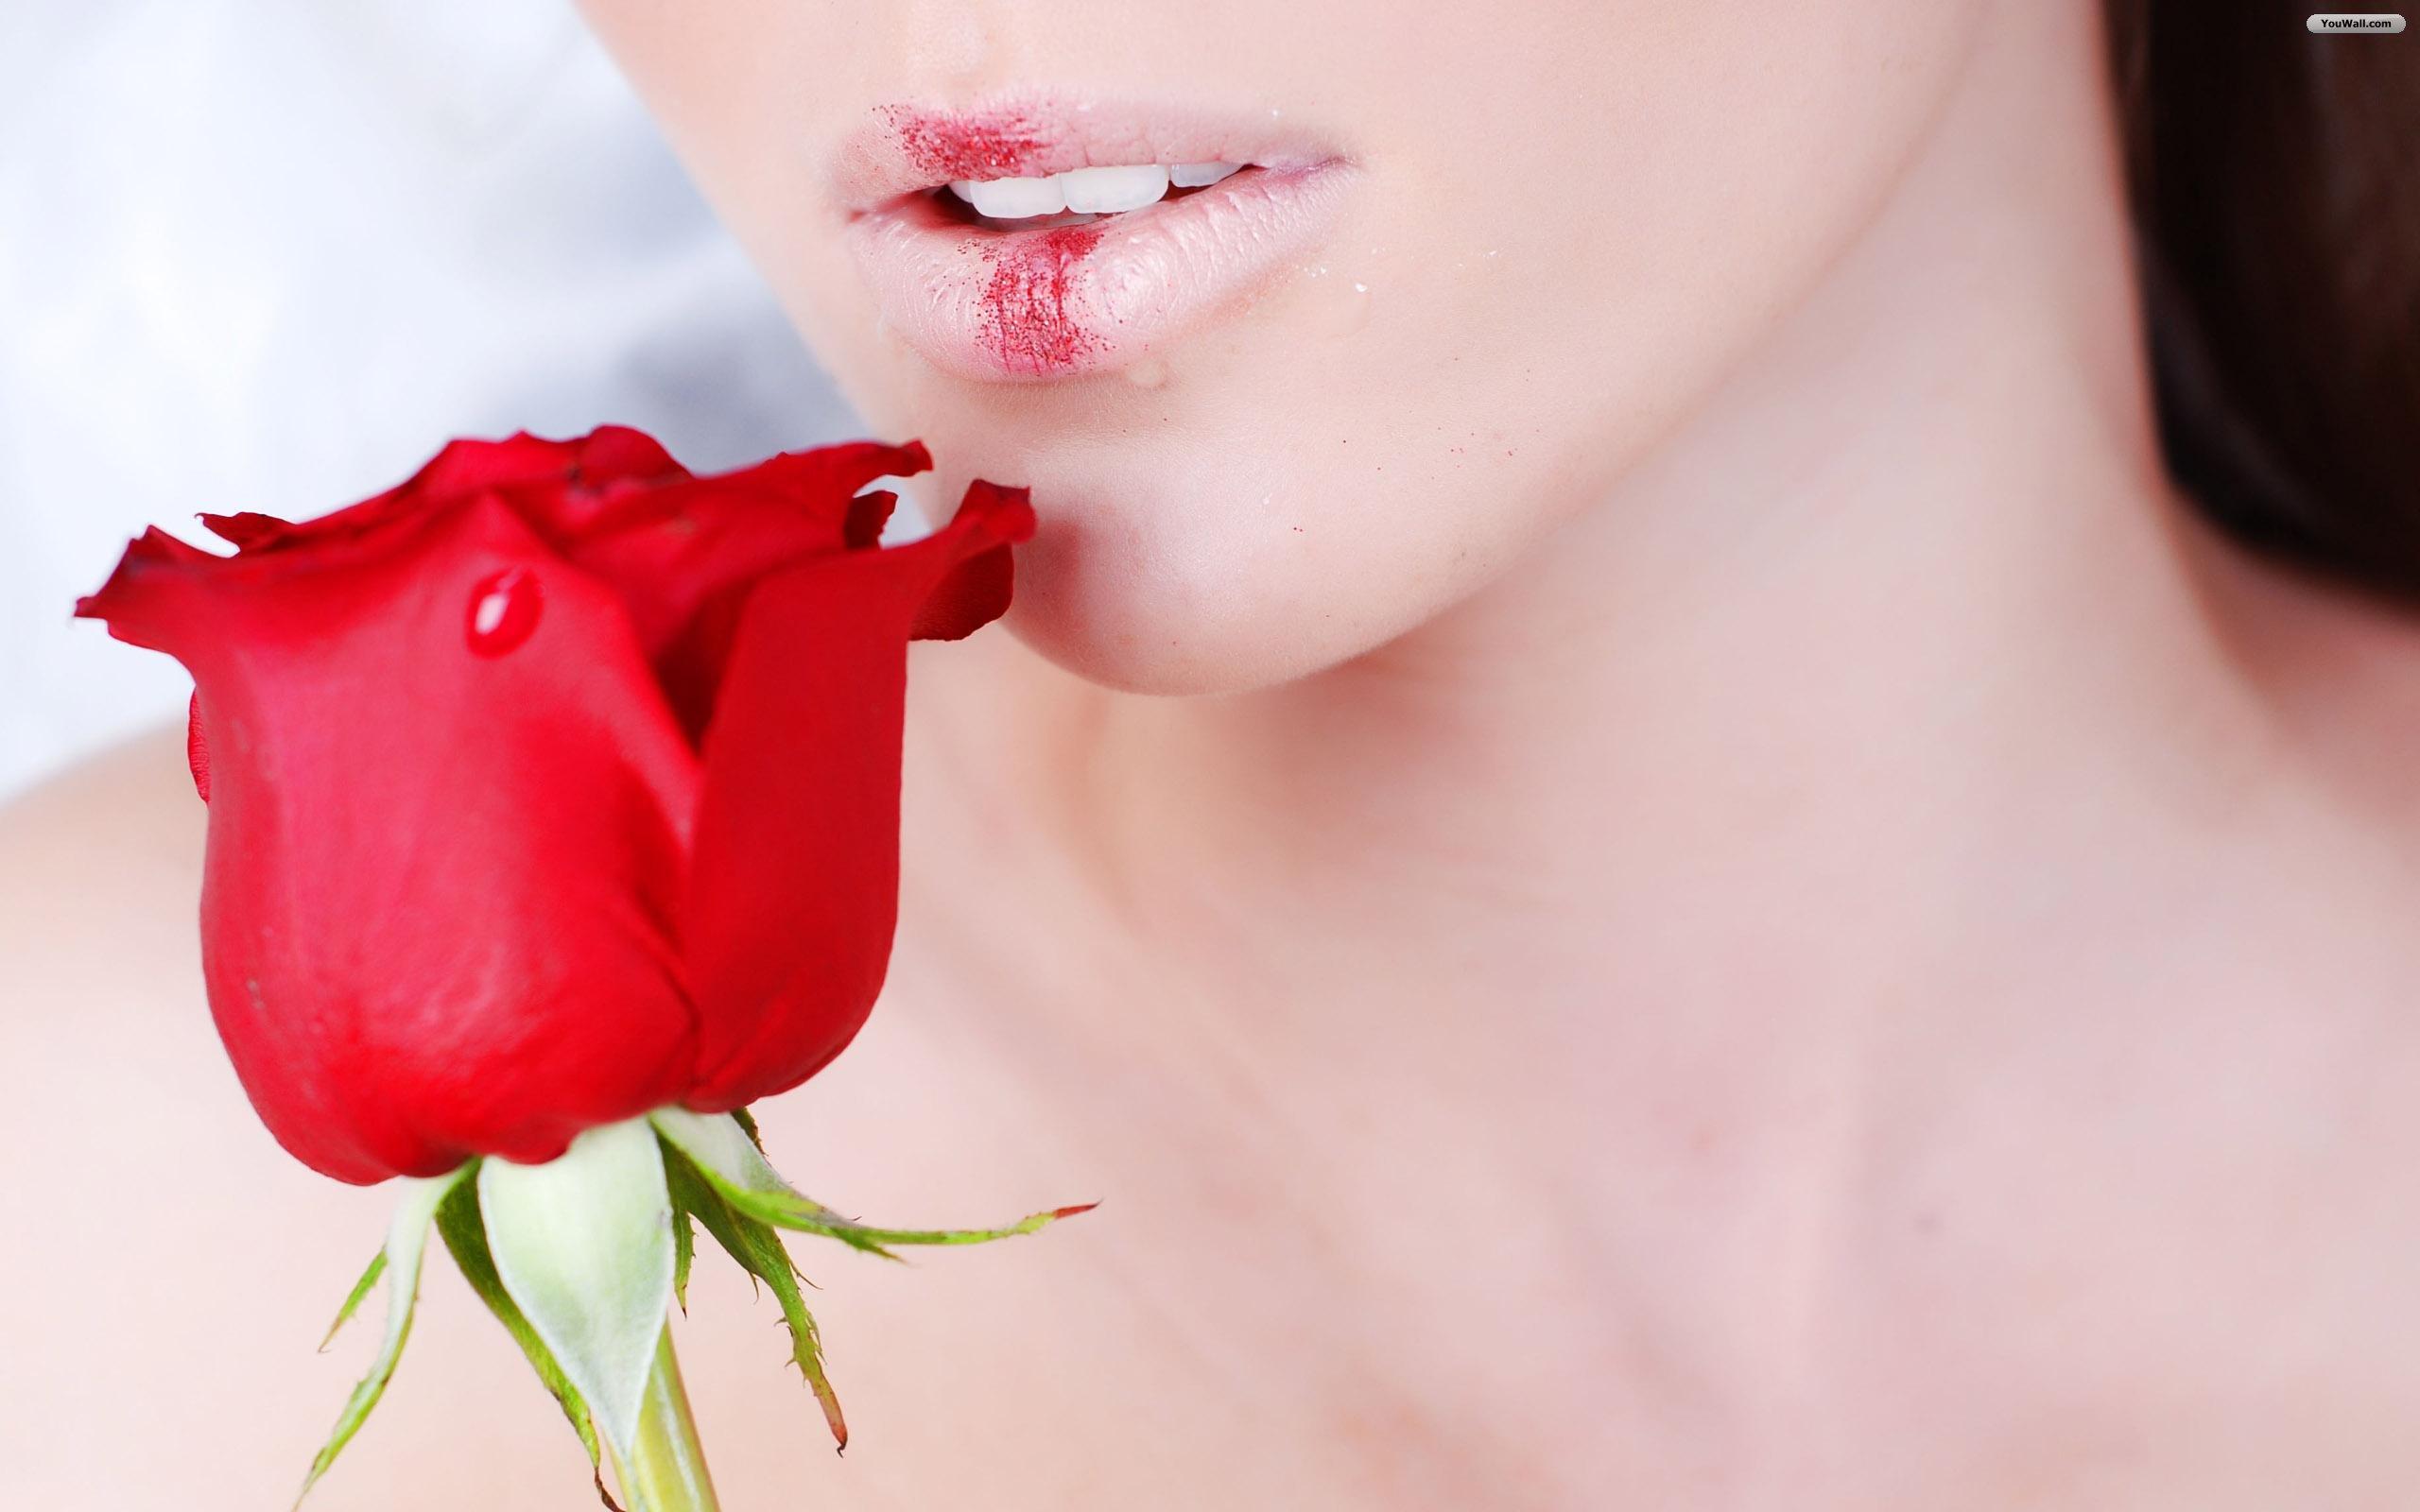 девушка целует розу, губы, красная роза, скачать фото